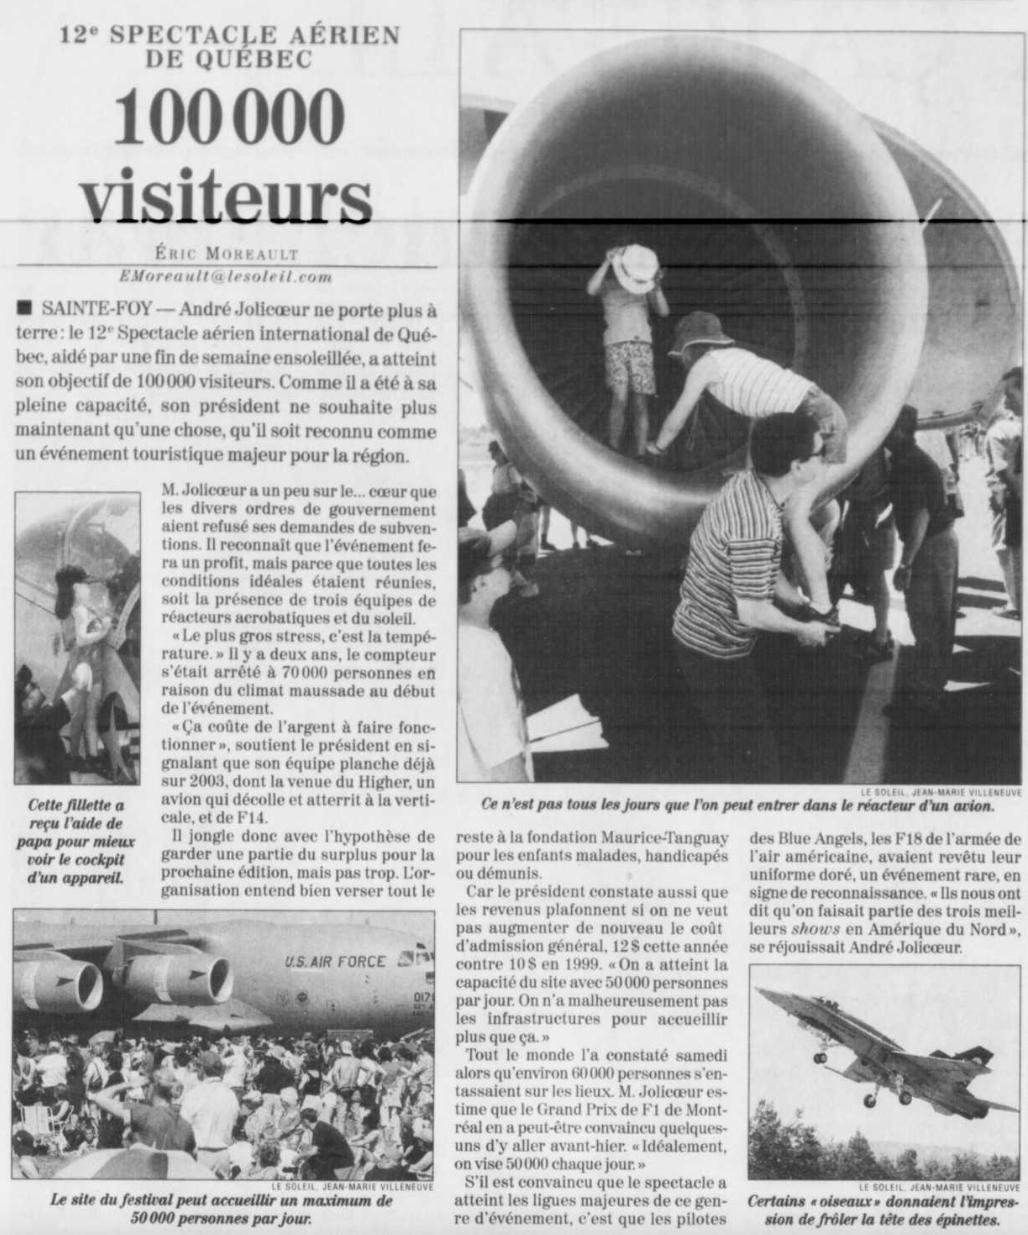 Journal Le Soleil 11 juin 2001